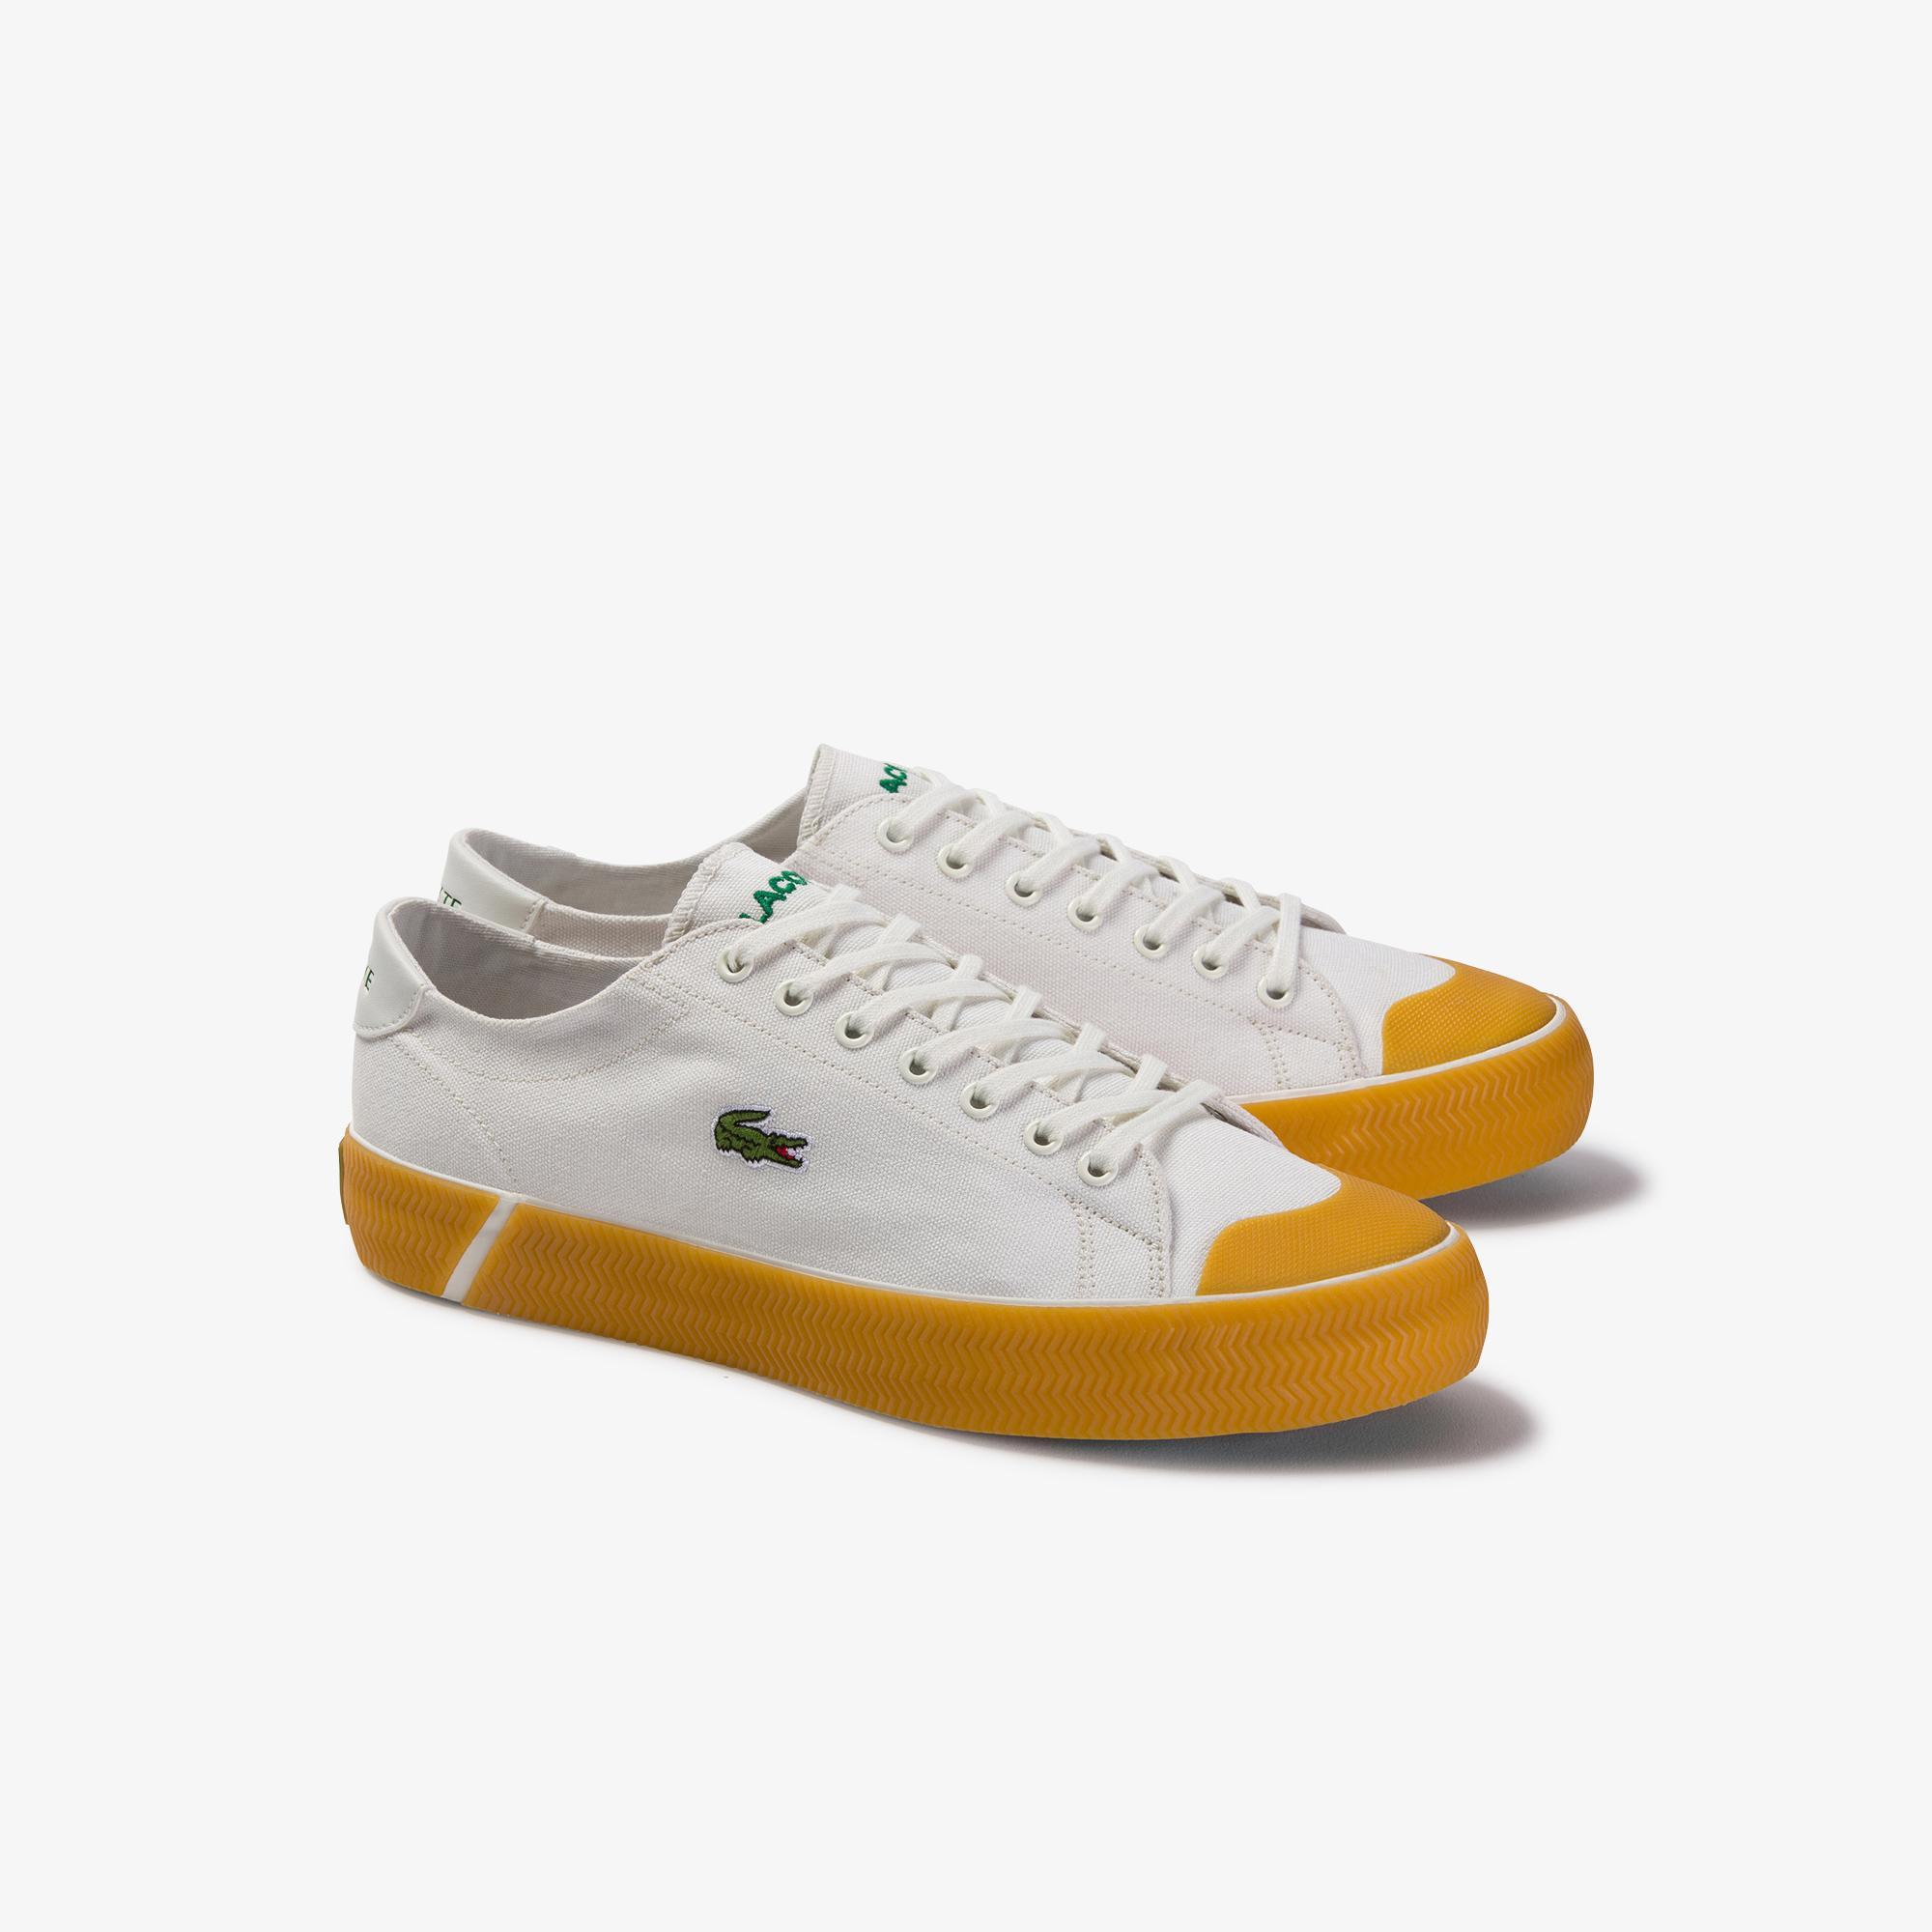 Lacoste Gripshot 120 6 Męskie Sneakersy